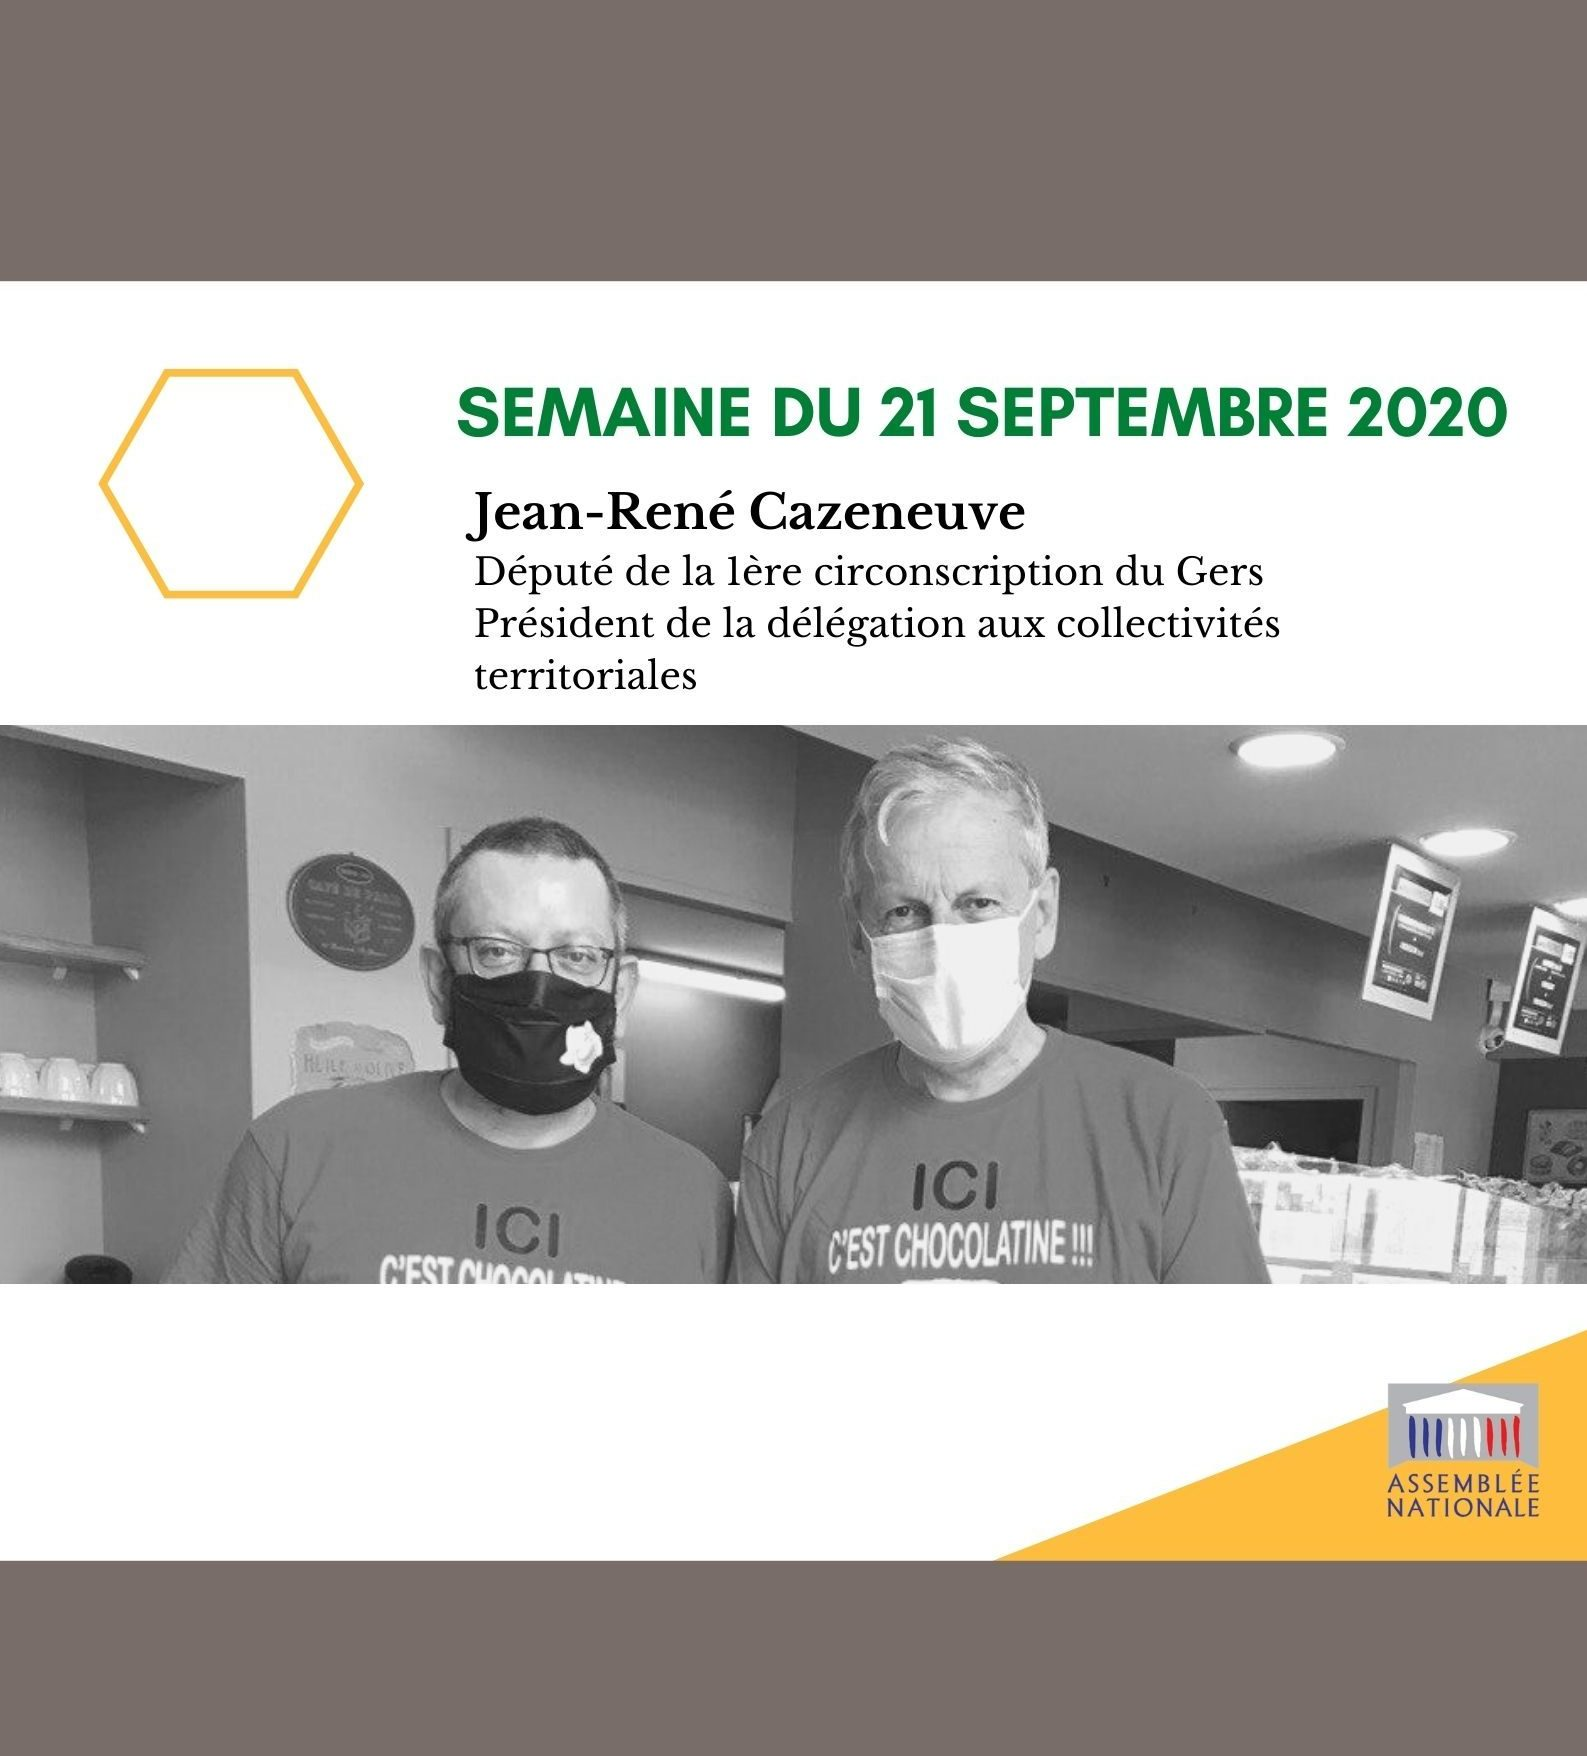 Semaine du 21 septembre 2020